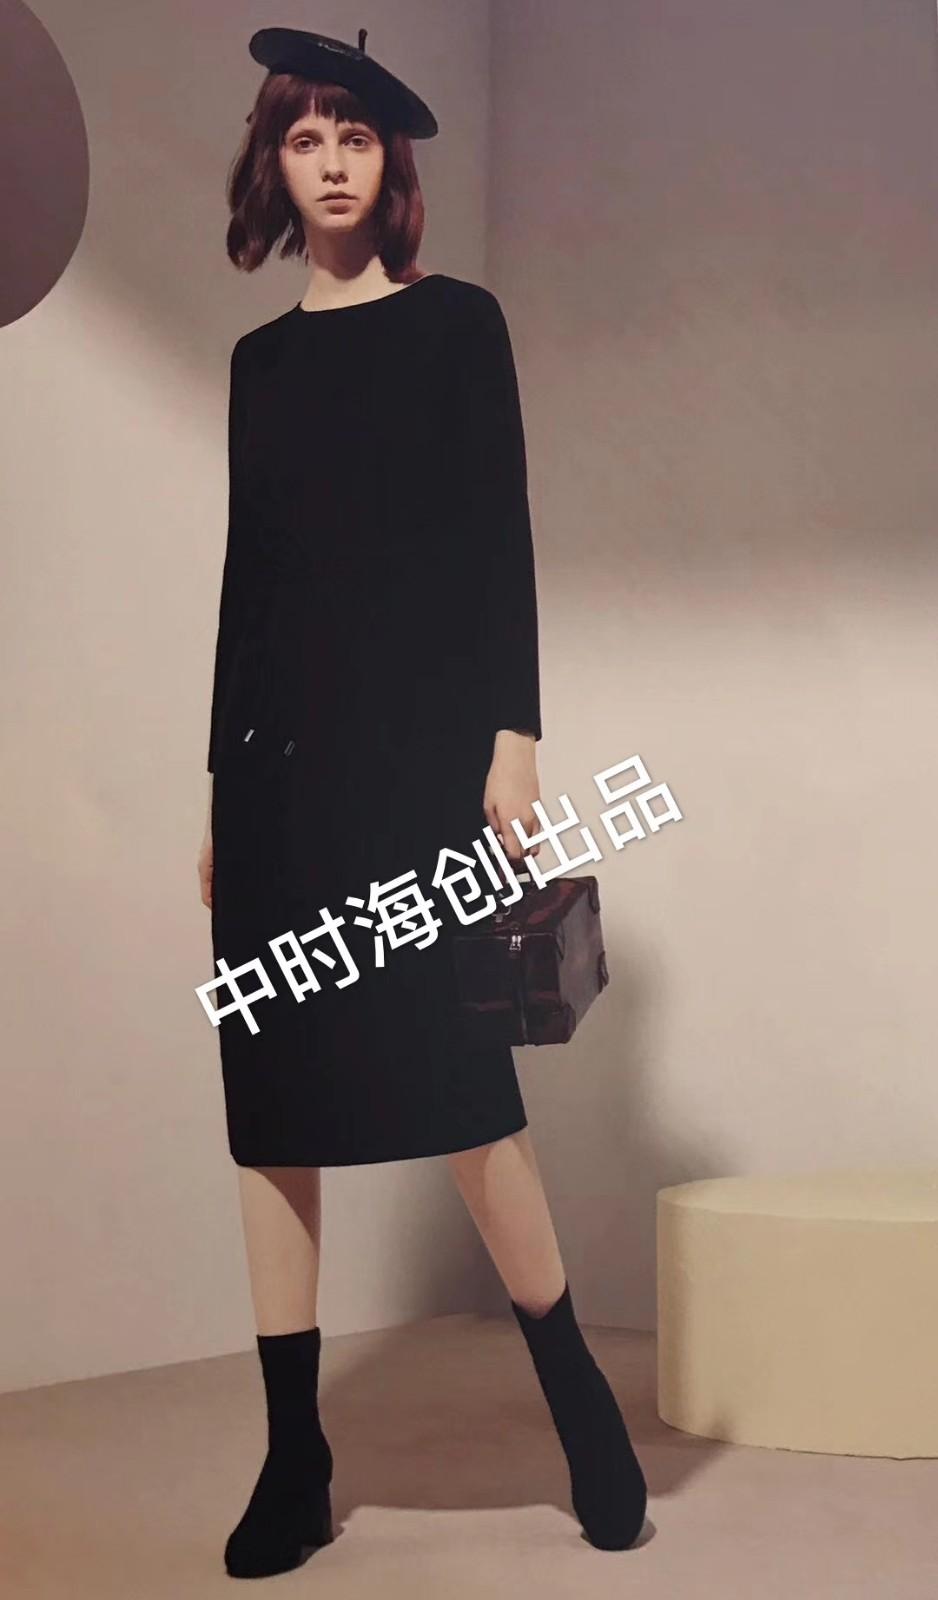 中时海创品牌女装折扣19秋冬【QUEENSLAN 昆诗兰】系列品牌上新